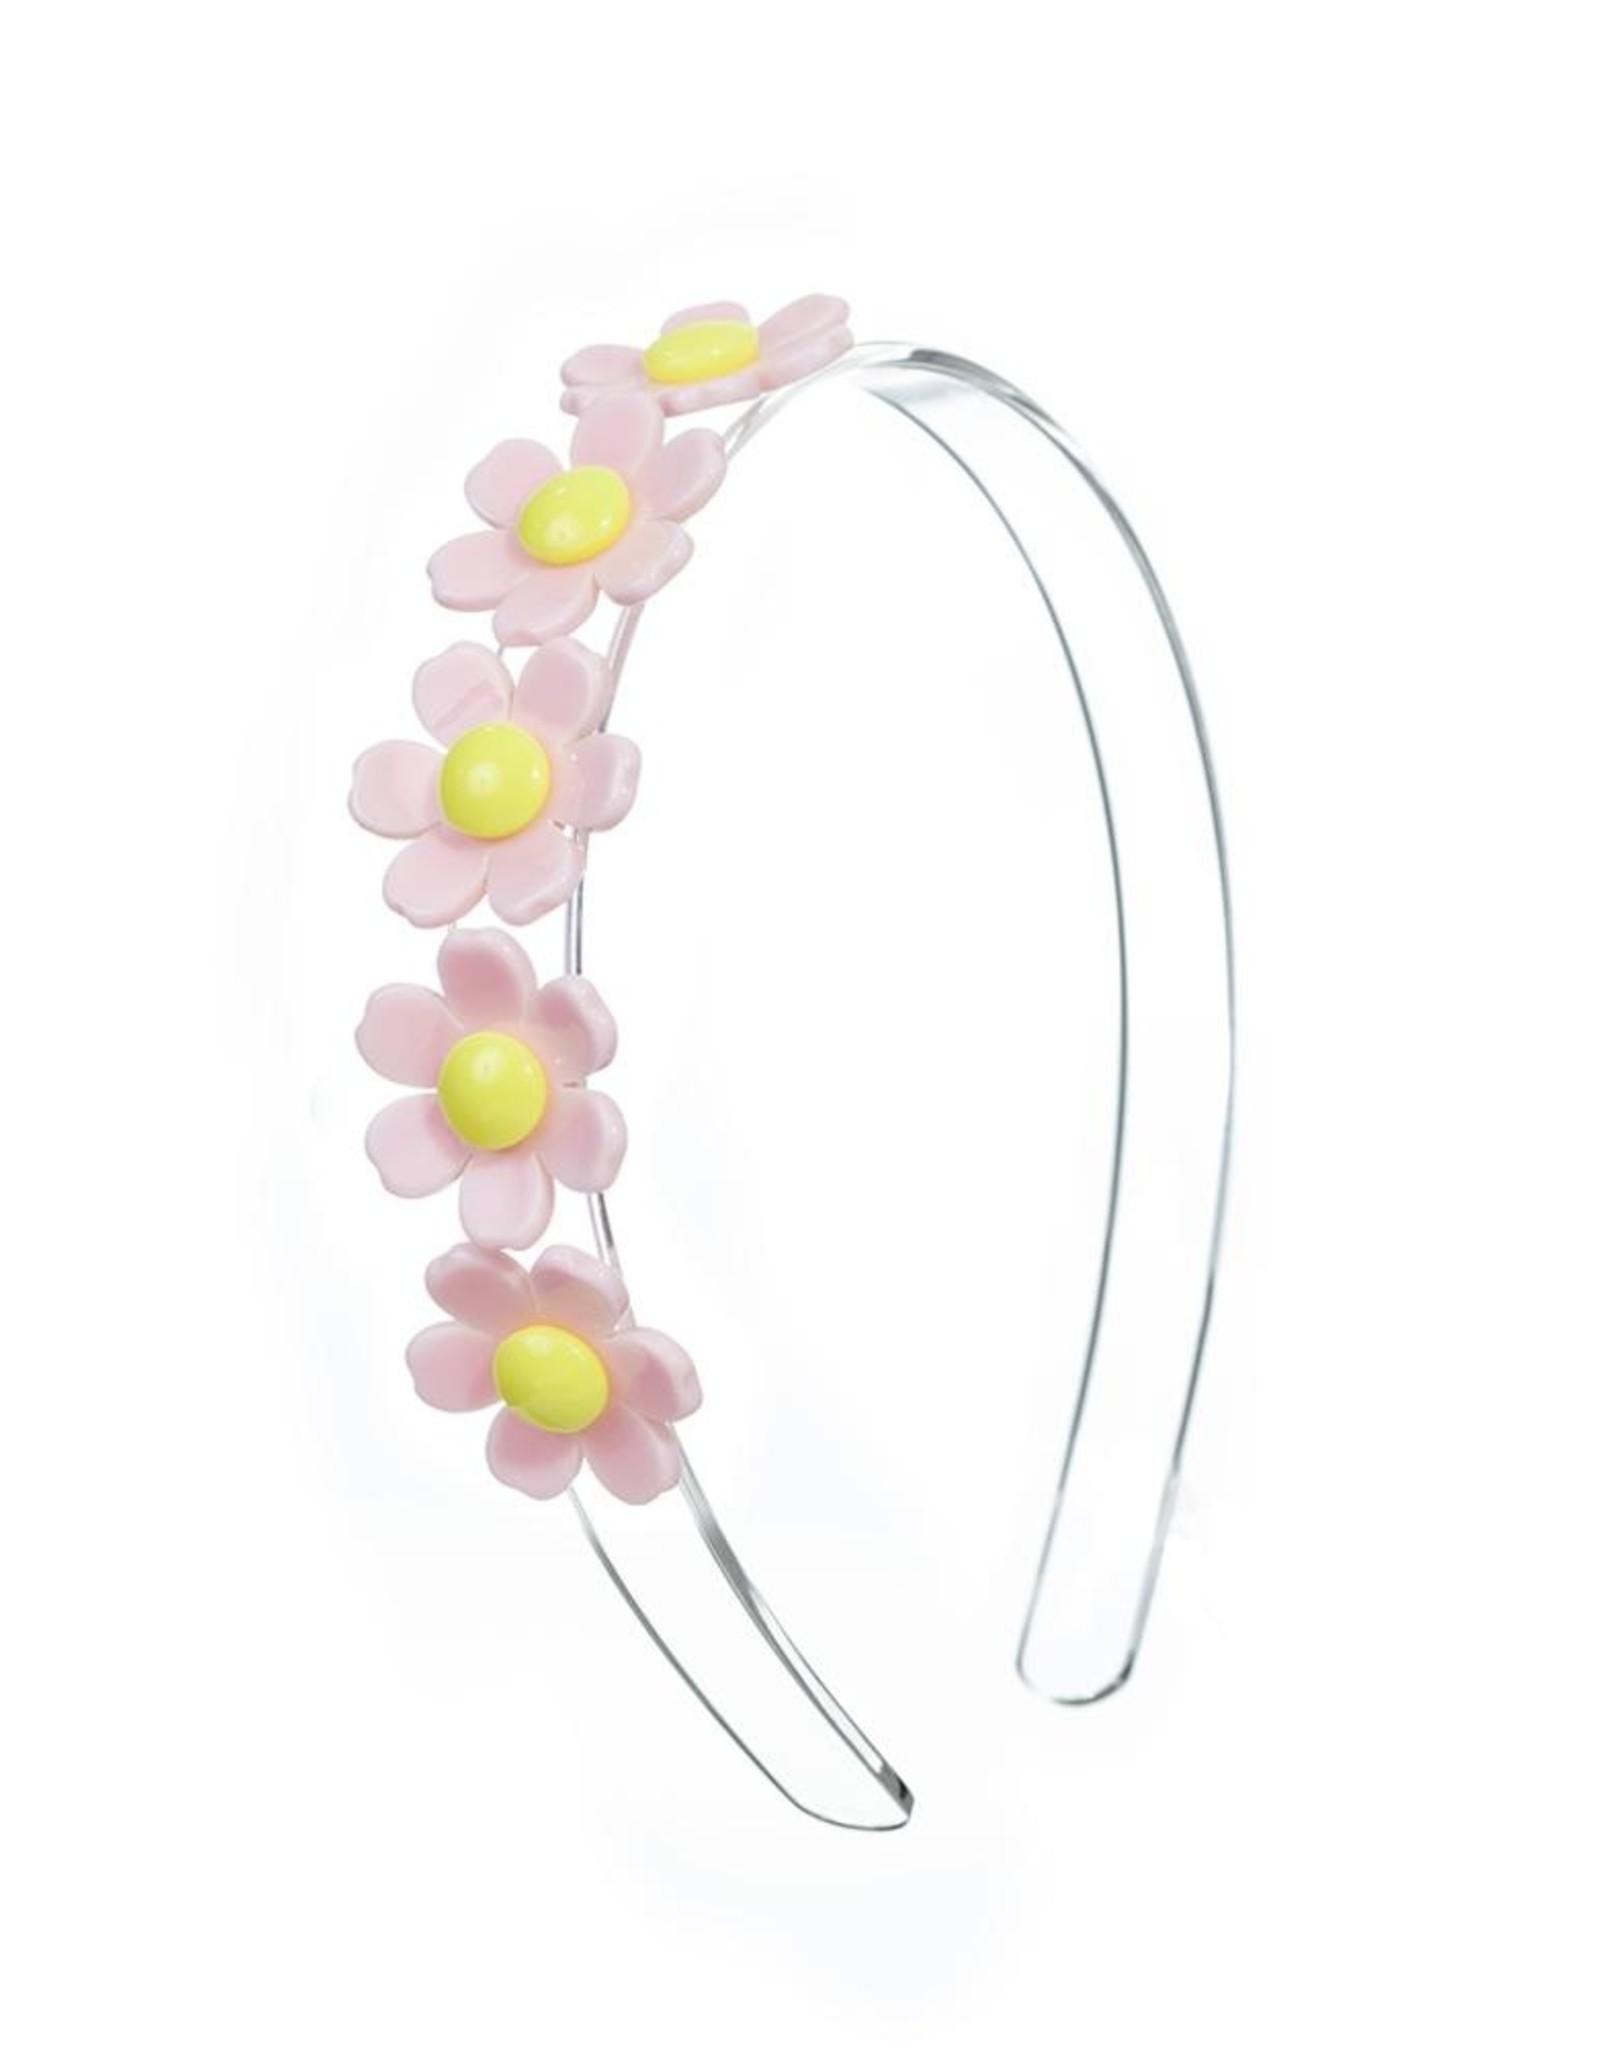 Lillies&Roses Centipede Daisy Headband